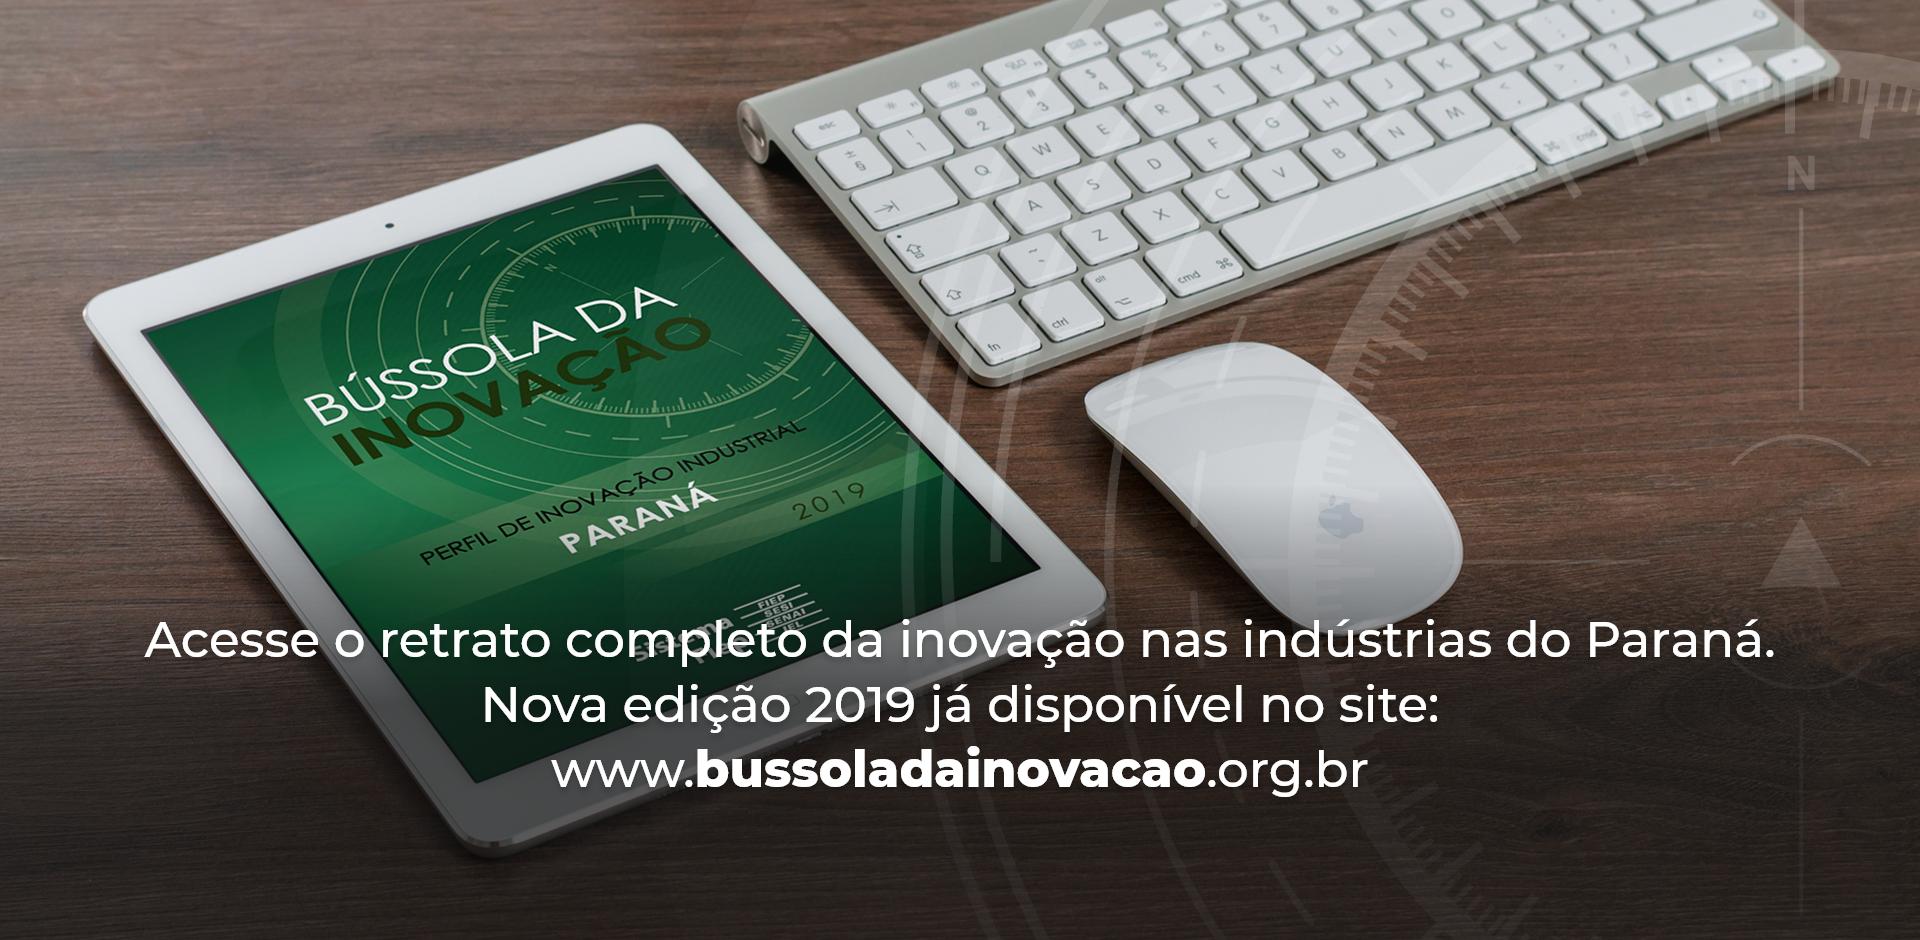 Bússola da Inovação 2019